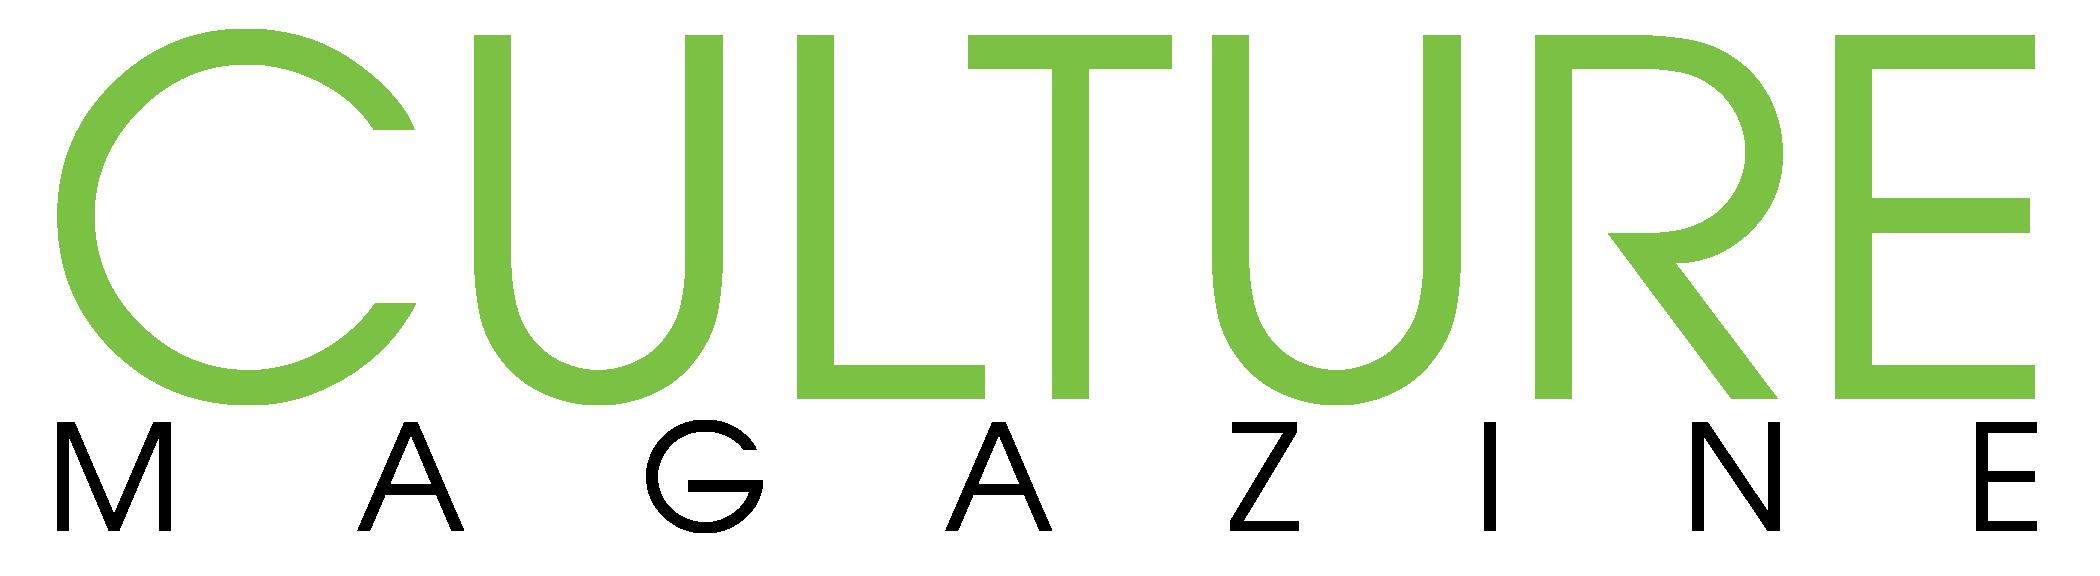 culturemagazine.png